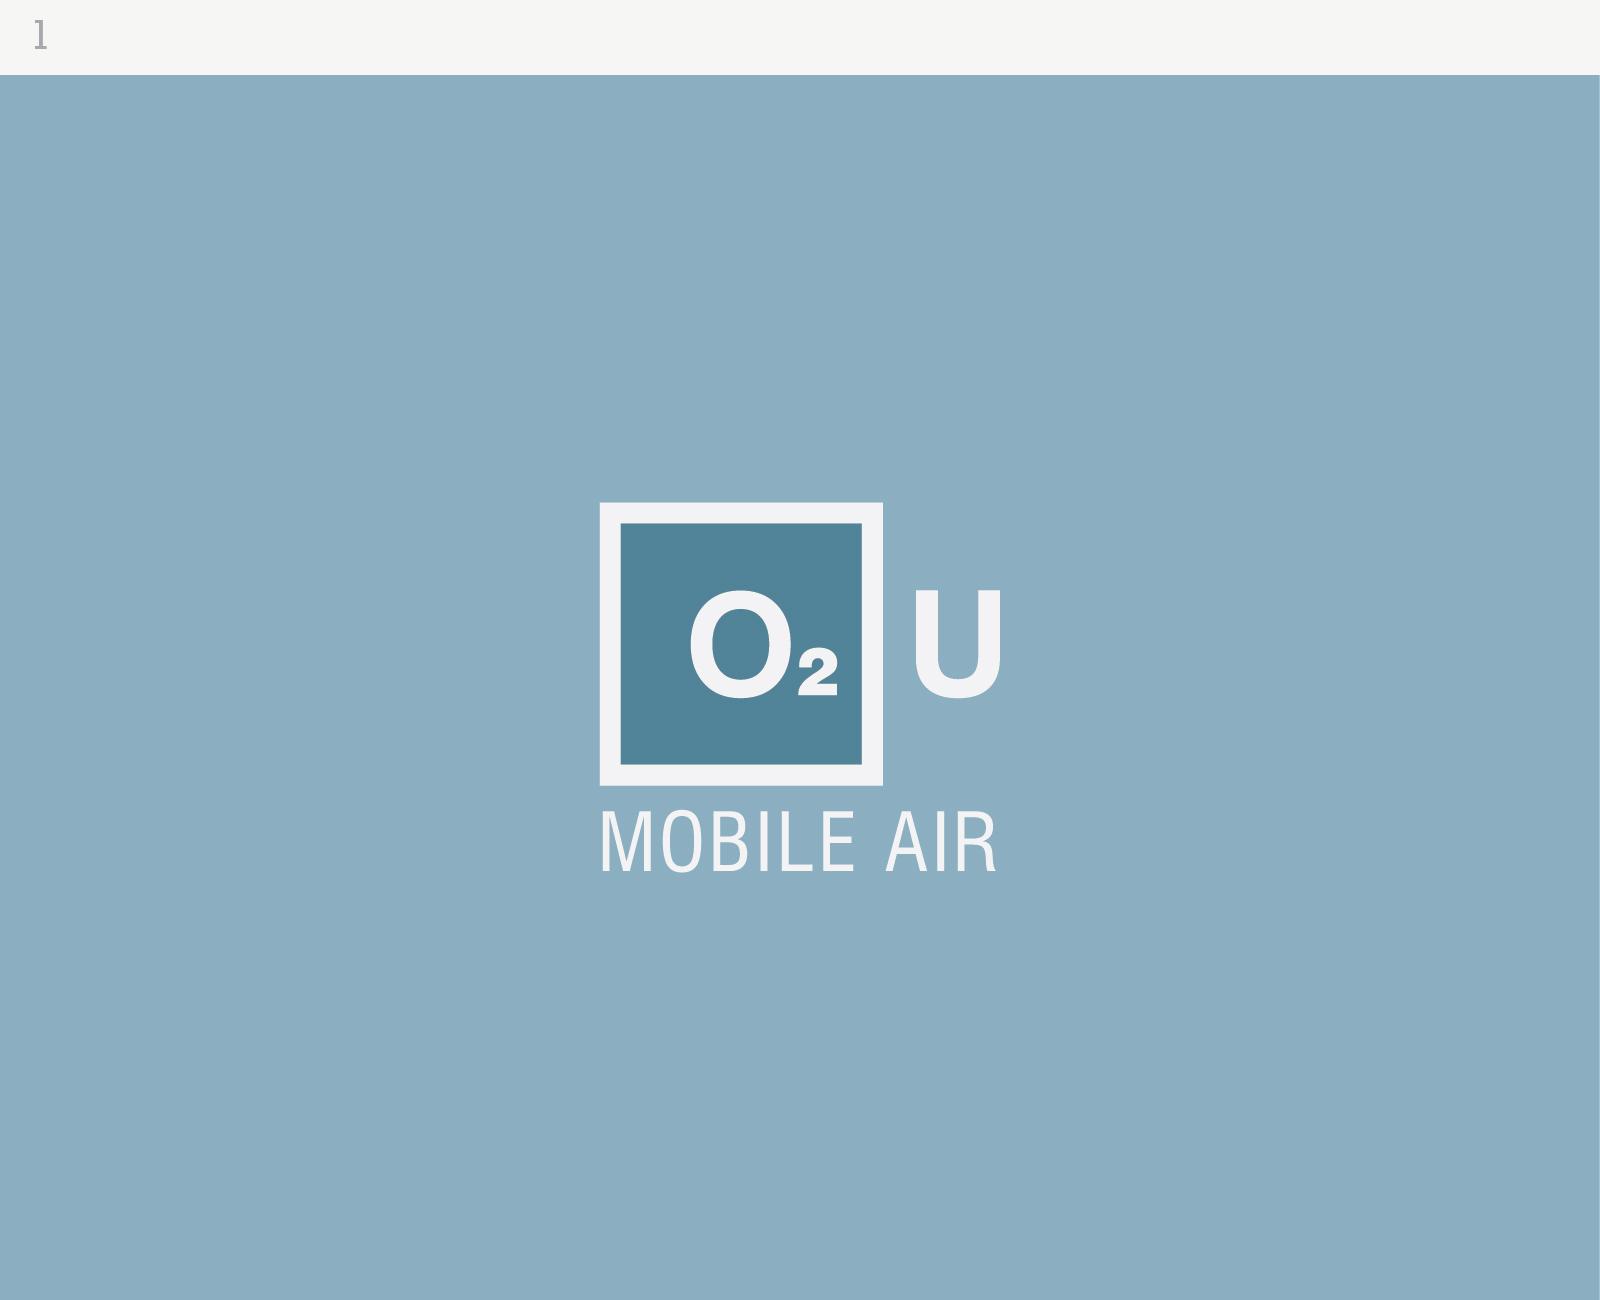 O2U-1-01.jpg